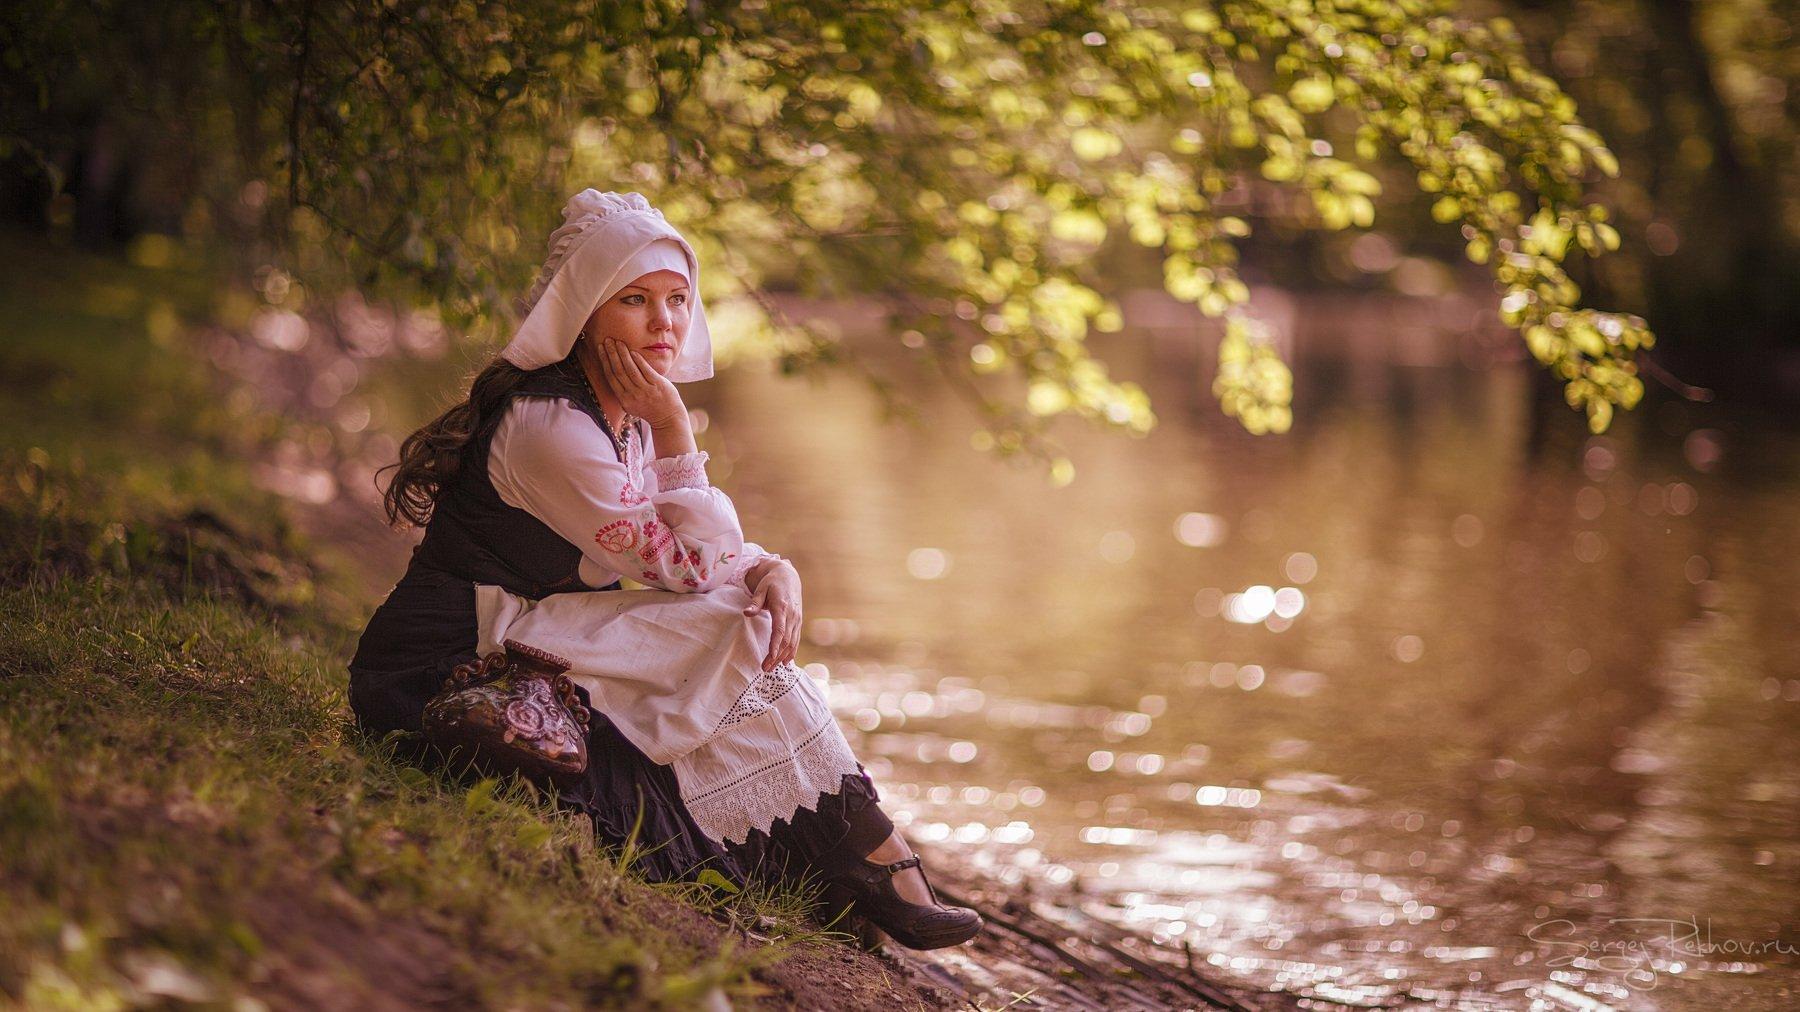 девушка, модель, портрет, парк, rekhov, Сергей Рехов